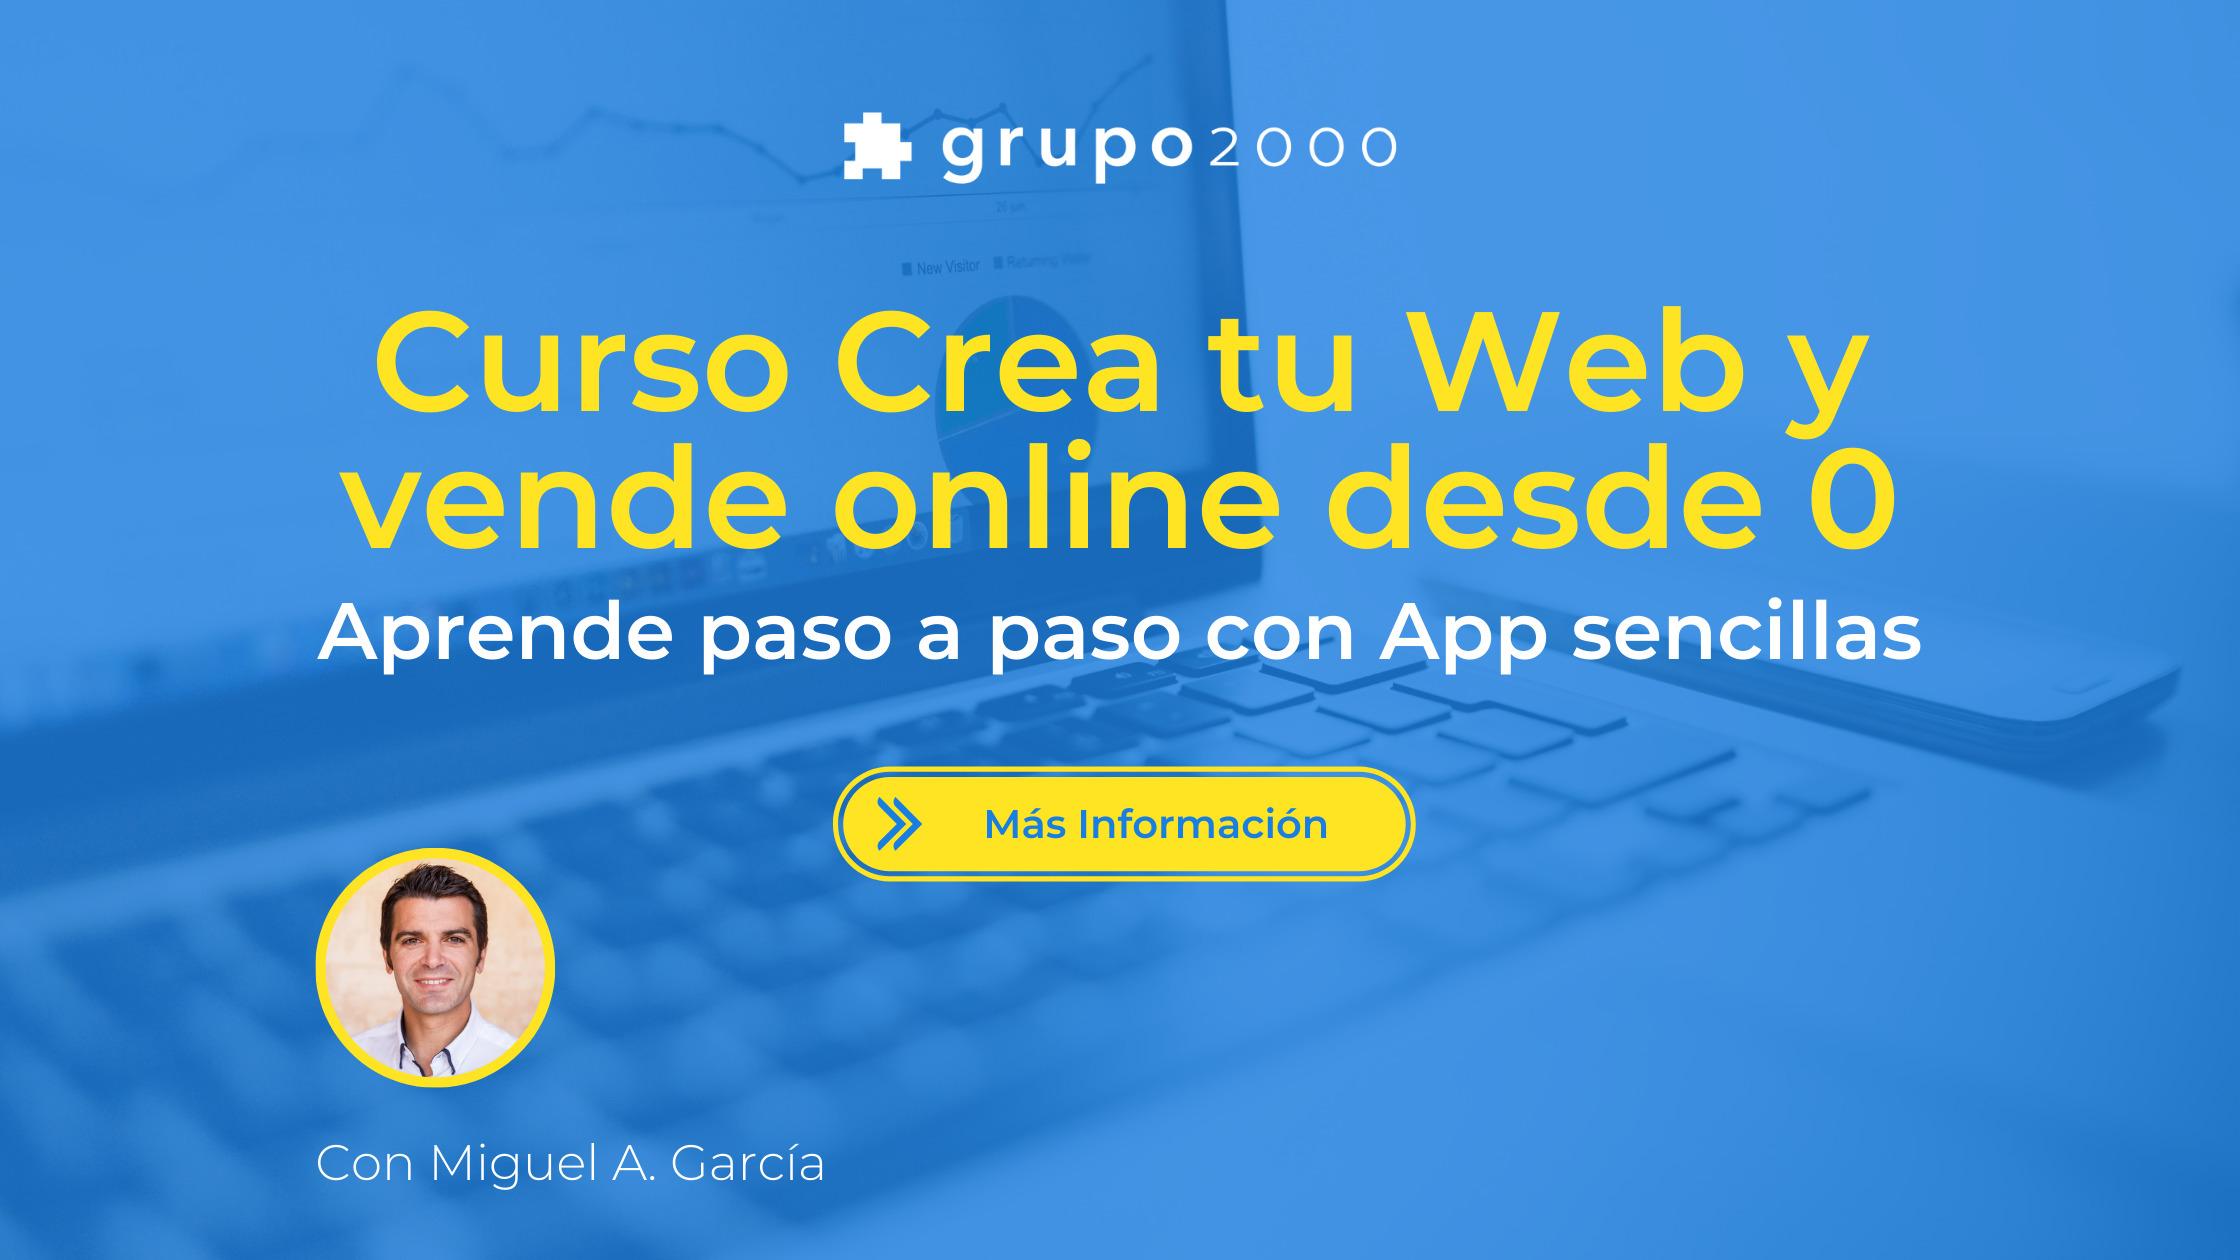 Curso crea tu web y vende online paso a paso desde 0